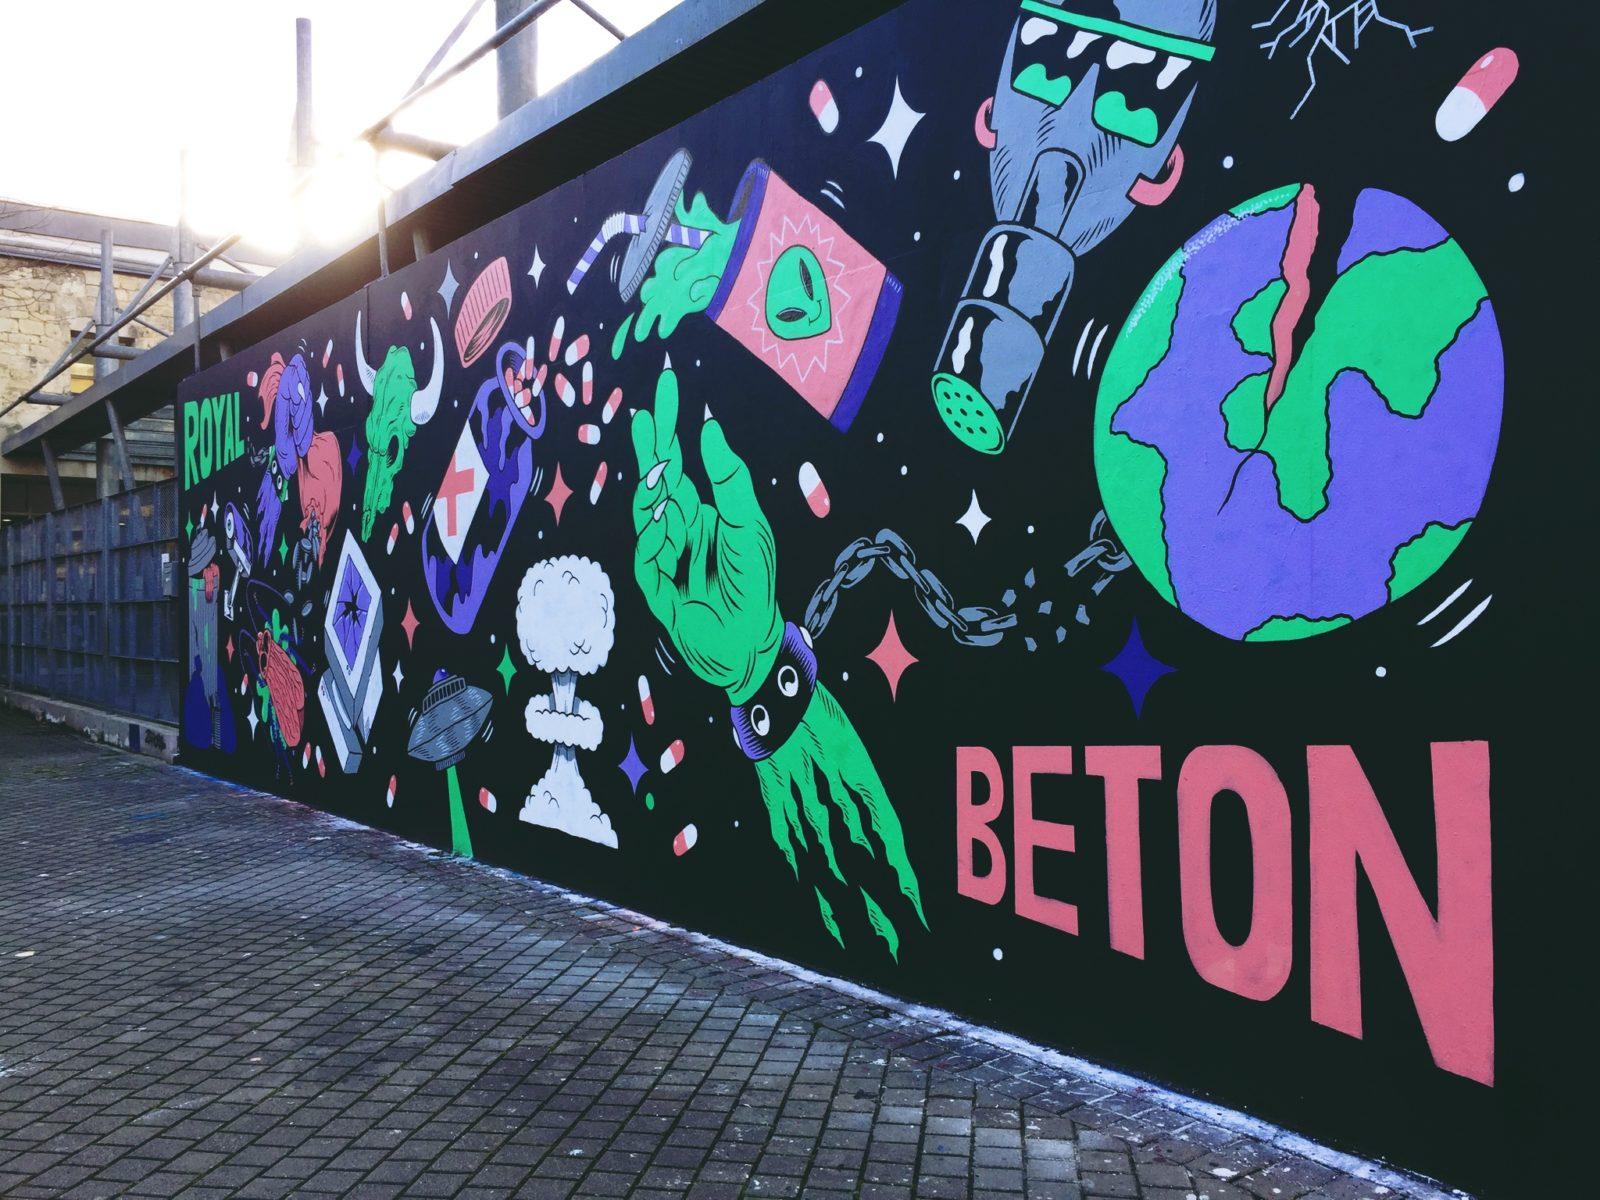 le m u r le street art en exposition urbaine bordeaux monpetitbordeaux. Black Bedroom Furniture Sets. Home Design Ideas